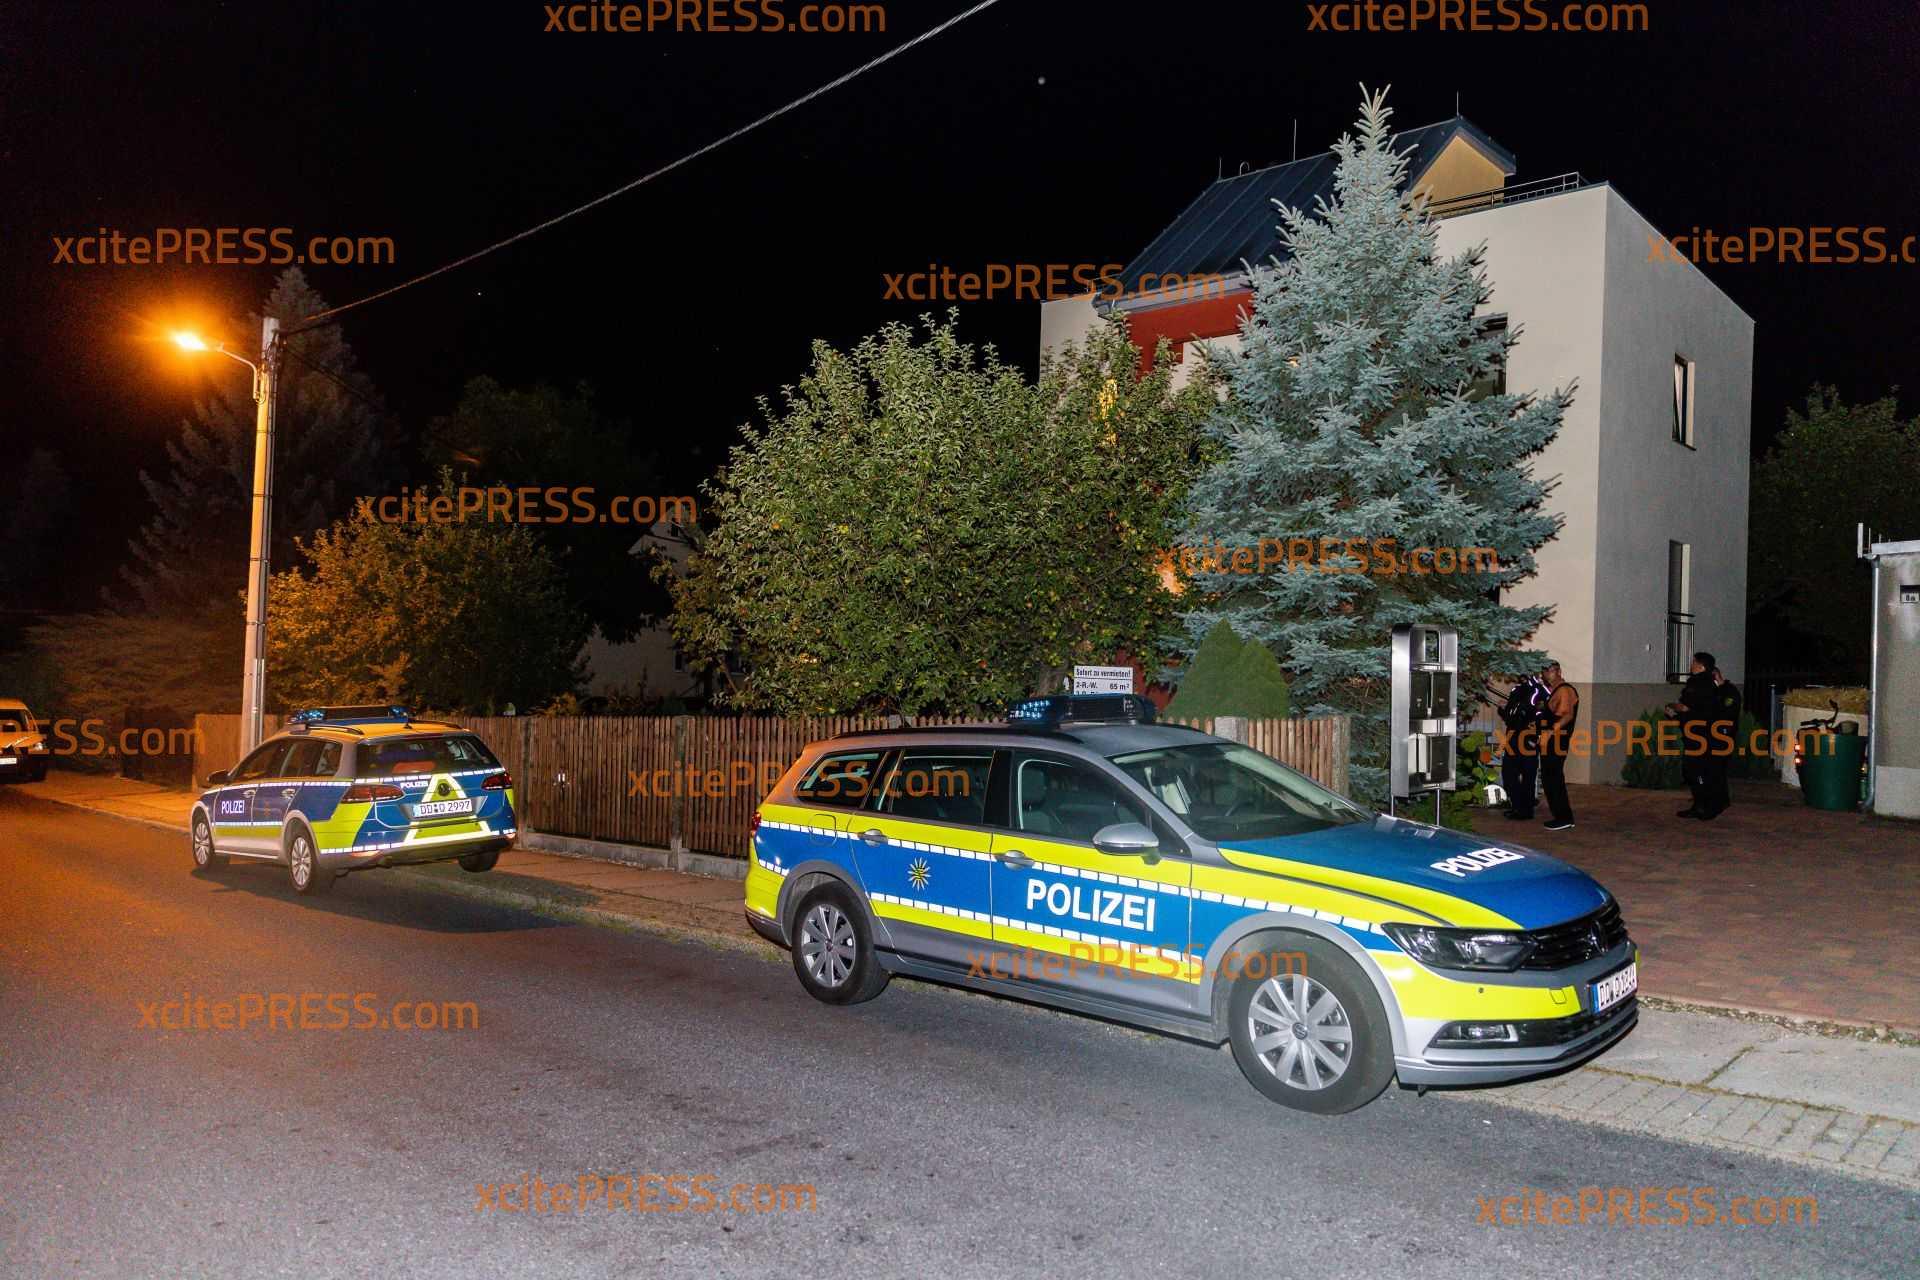 Mutmaßliche Autodiebin nach Schussabgabe gefasst: Polizei mit mehreren Kräften vor Ort gewesen